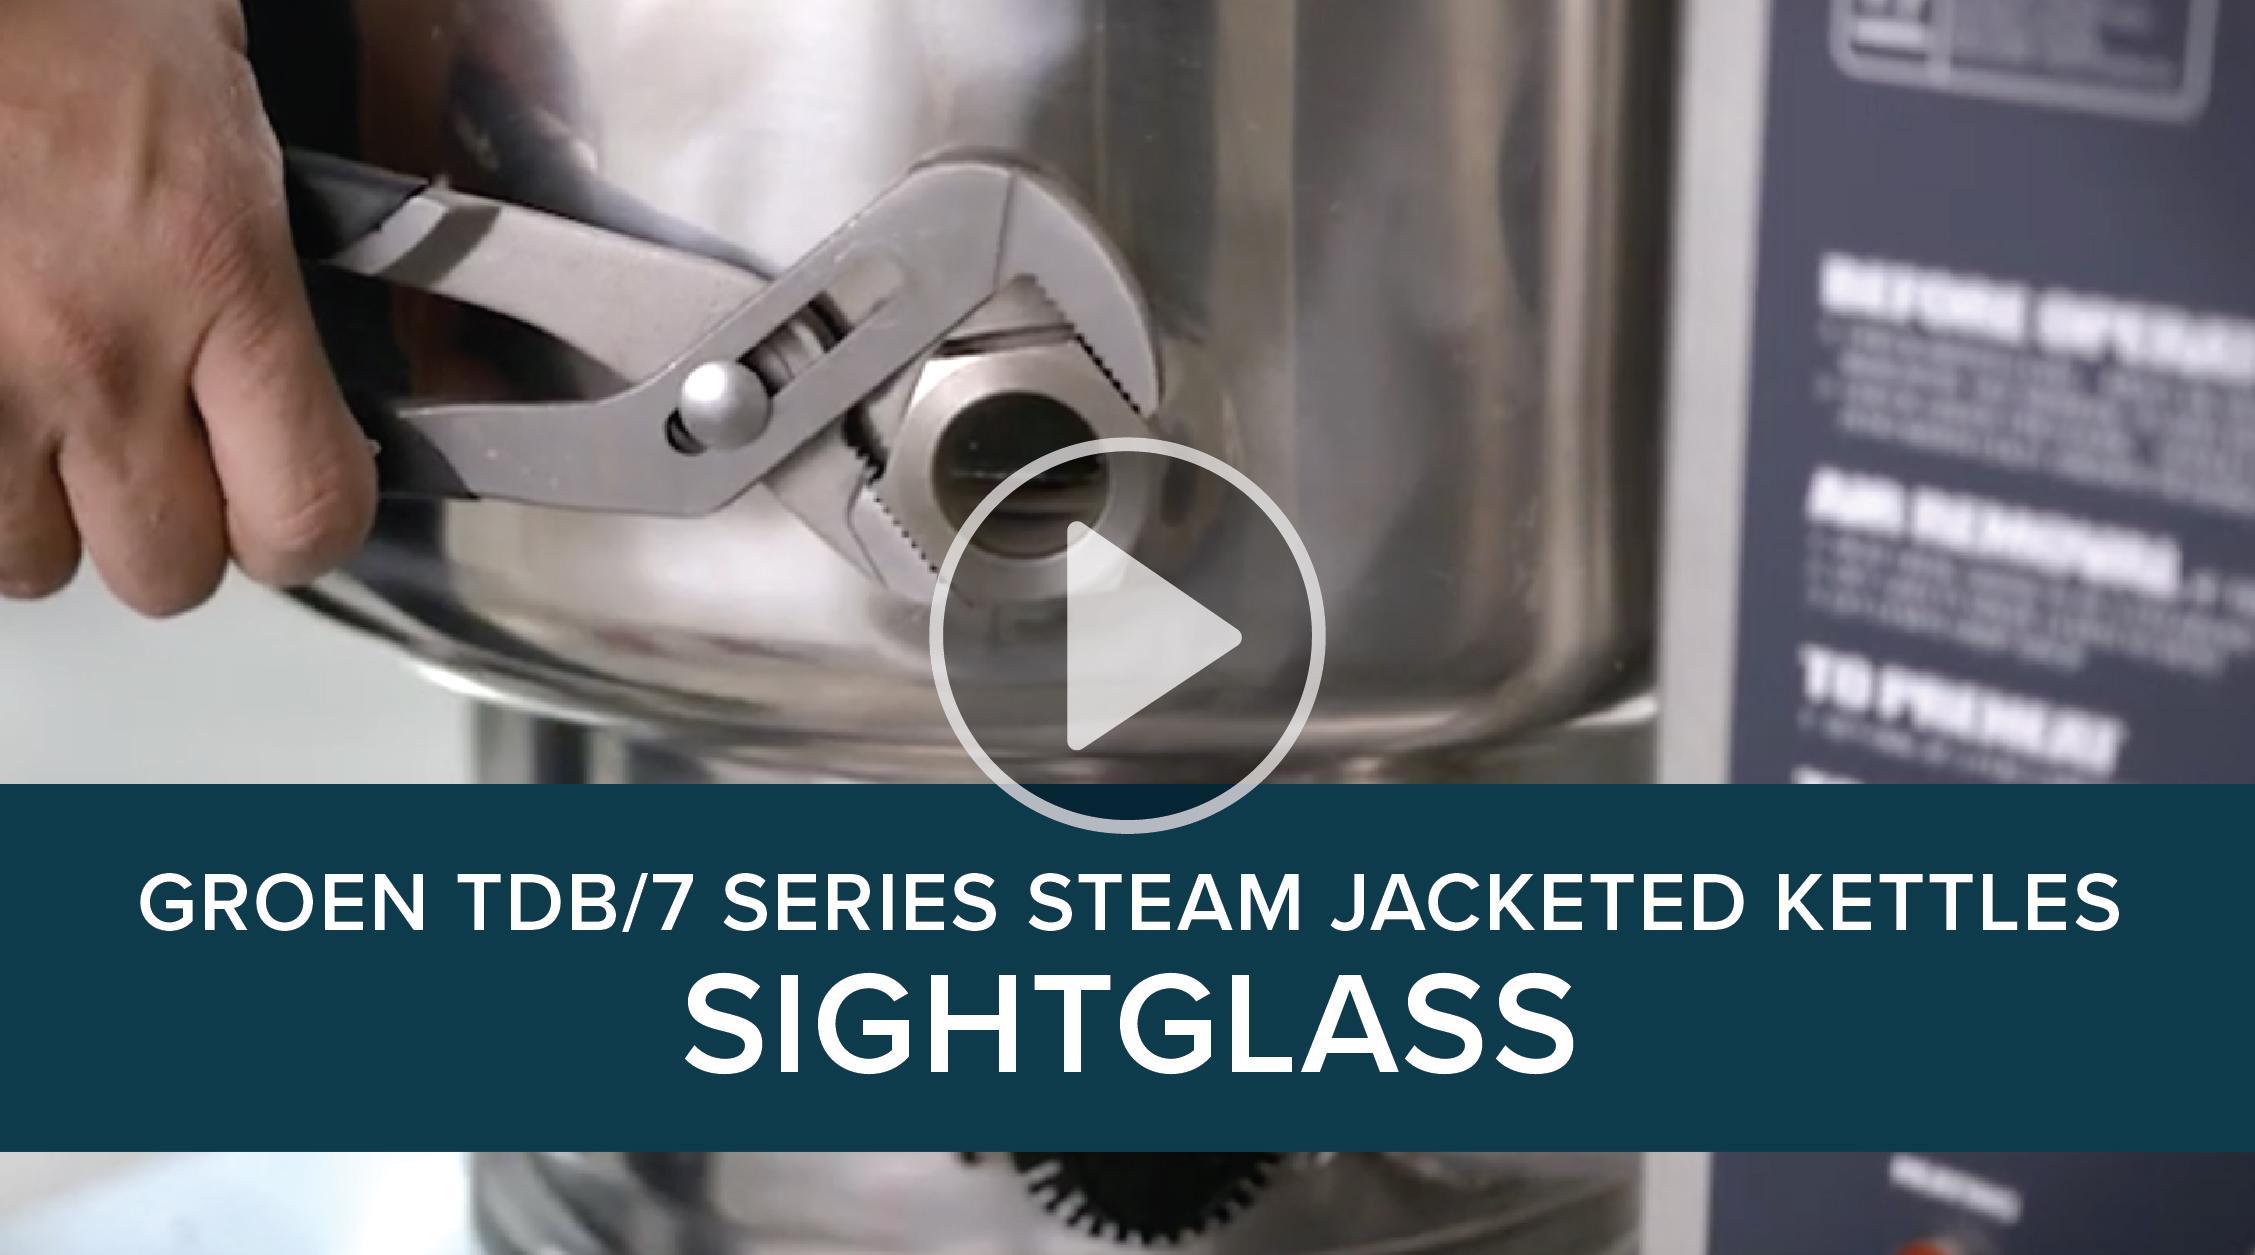 Groen TDB/7 Series Steam Jacketed Kettles